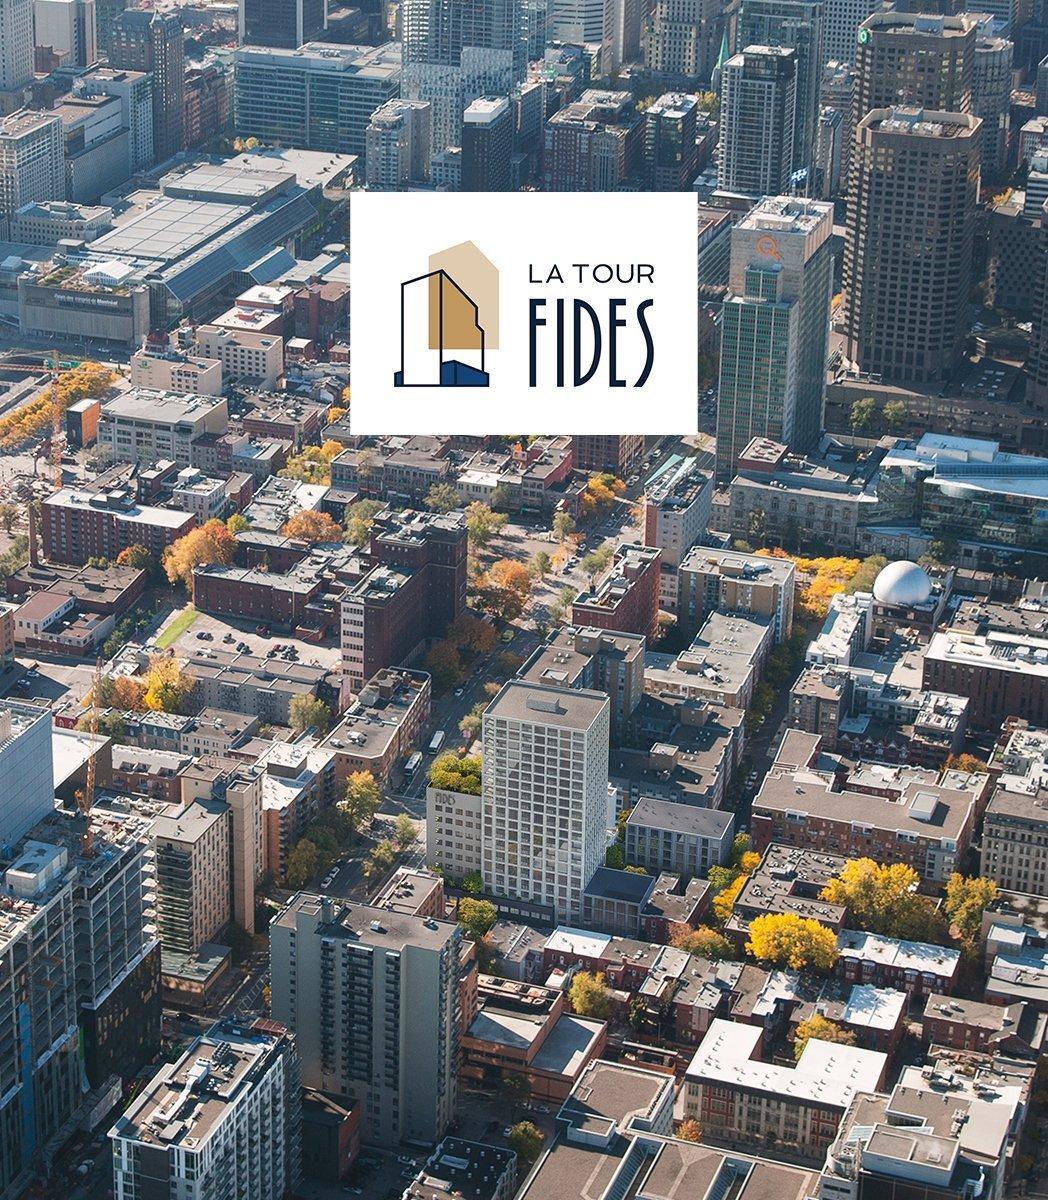 La Tour Fides Aerial View